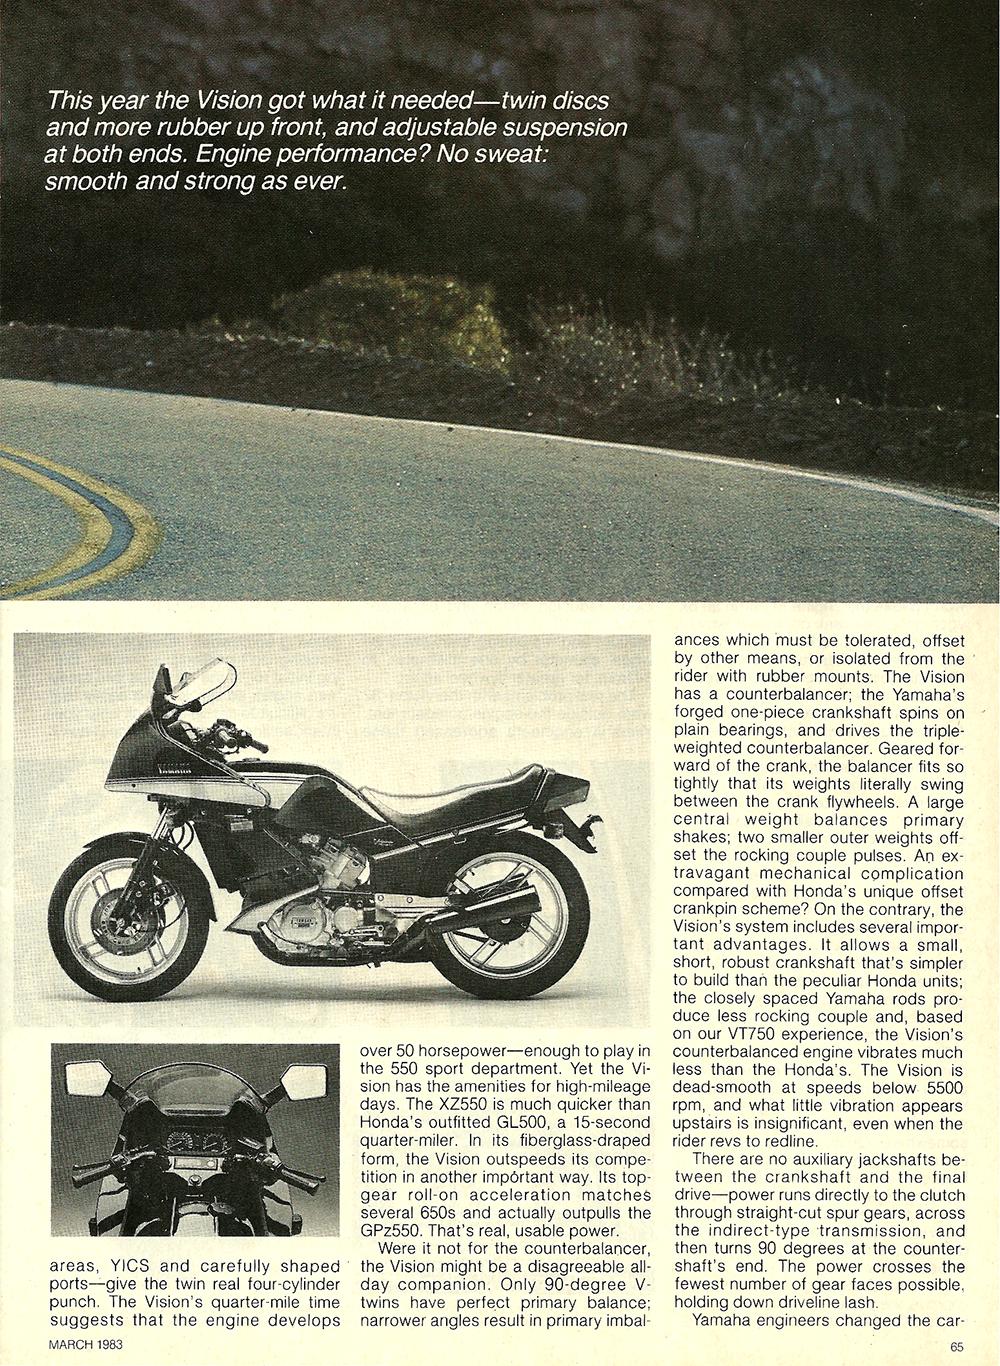 1983 Yamaha XZ550RK Vision road test 4.jpg